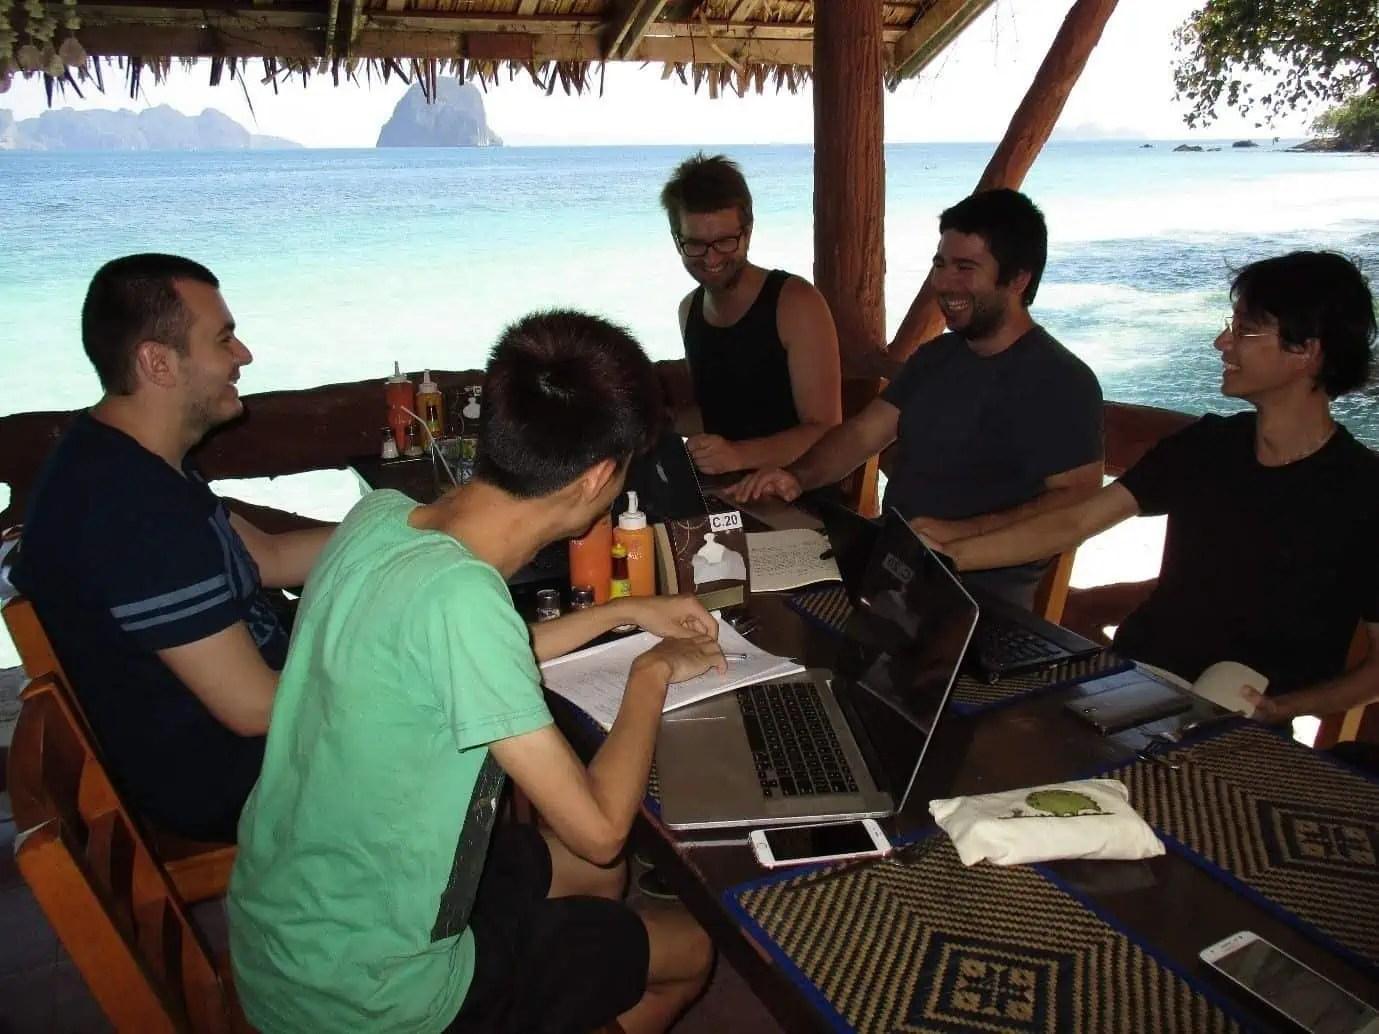 l'équipe de l'Interaction Design Foundation sur une île de Thaïlande